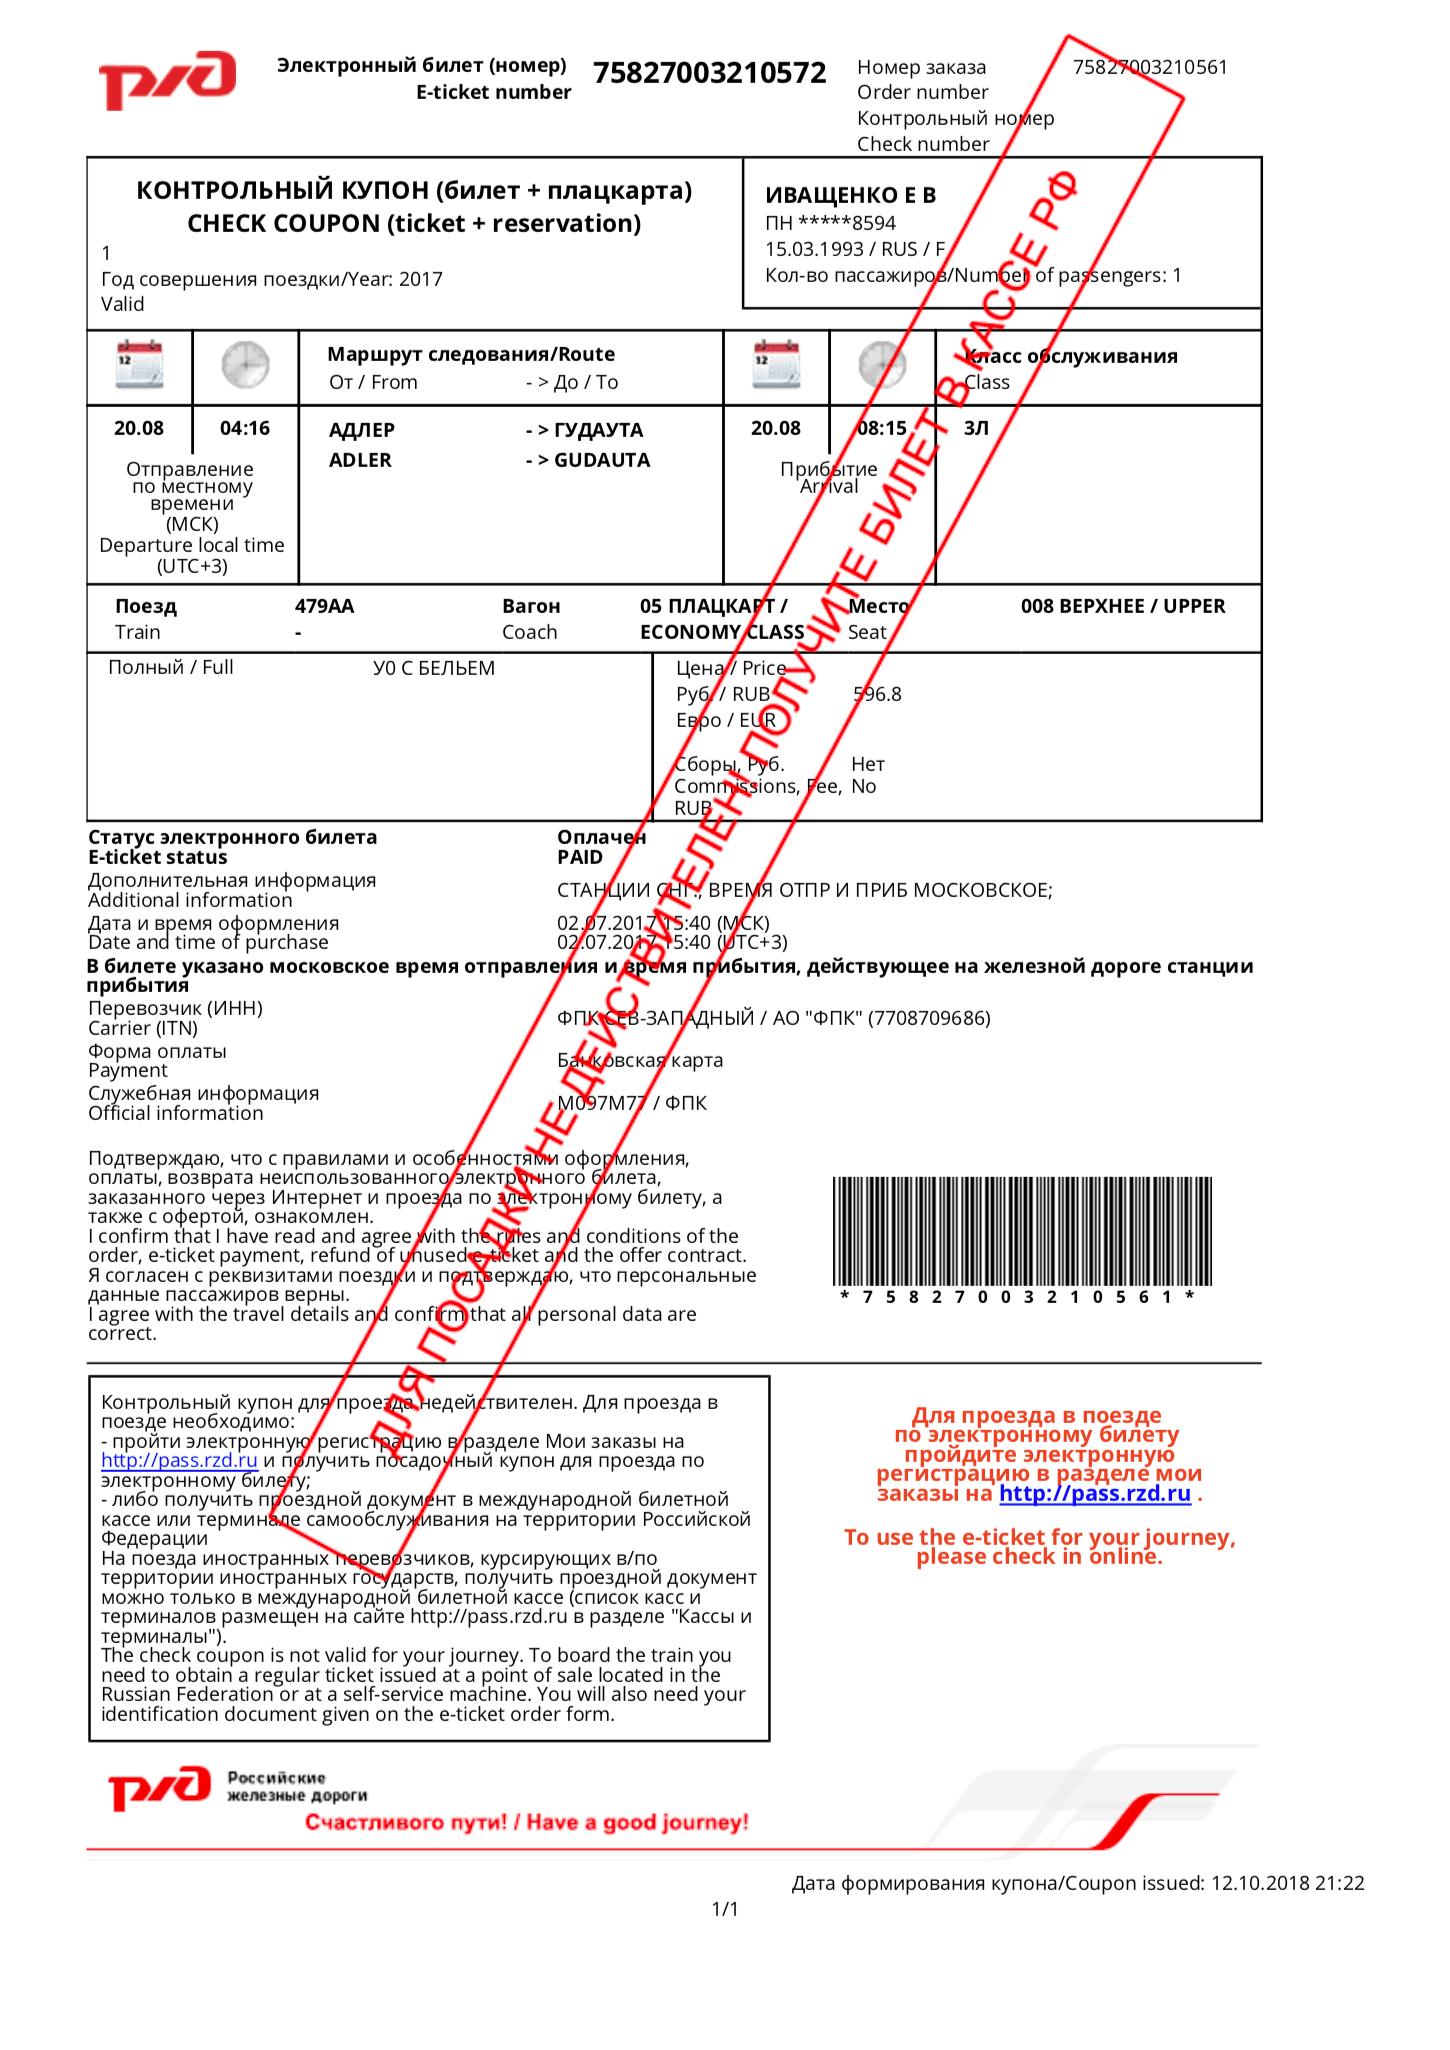 По такому электронному билету из Абхазии уехать нельзя: на нем это написано красными буквами. Такой электронный билет обязательно надо менять в кассе на обычный